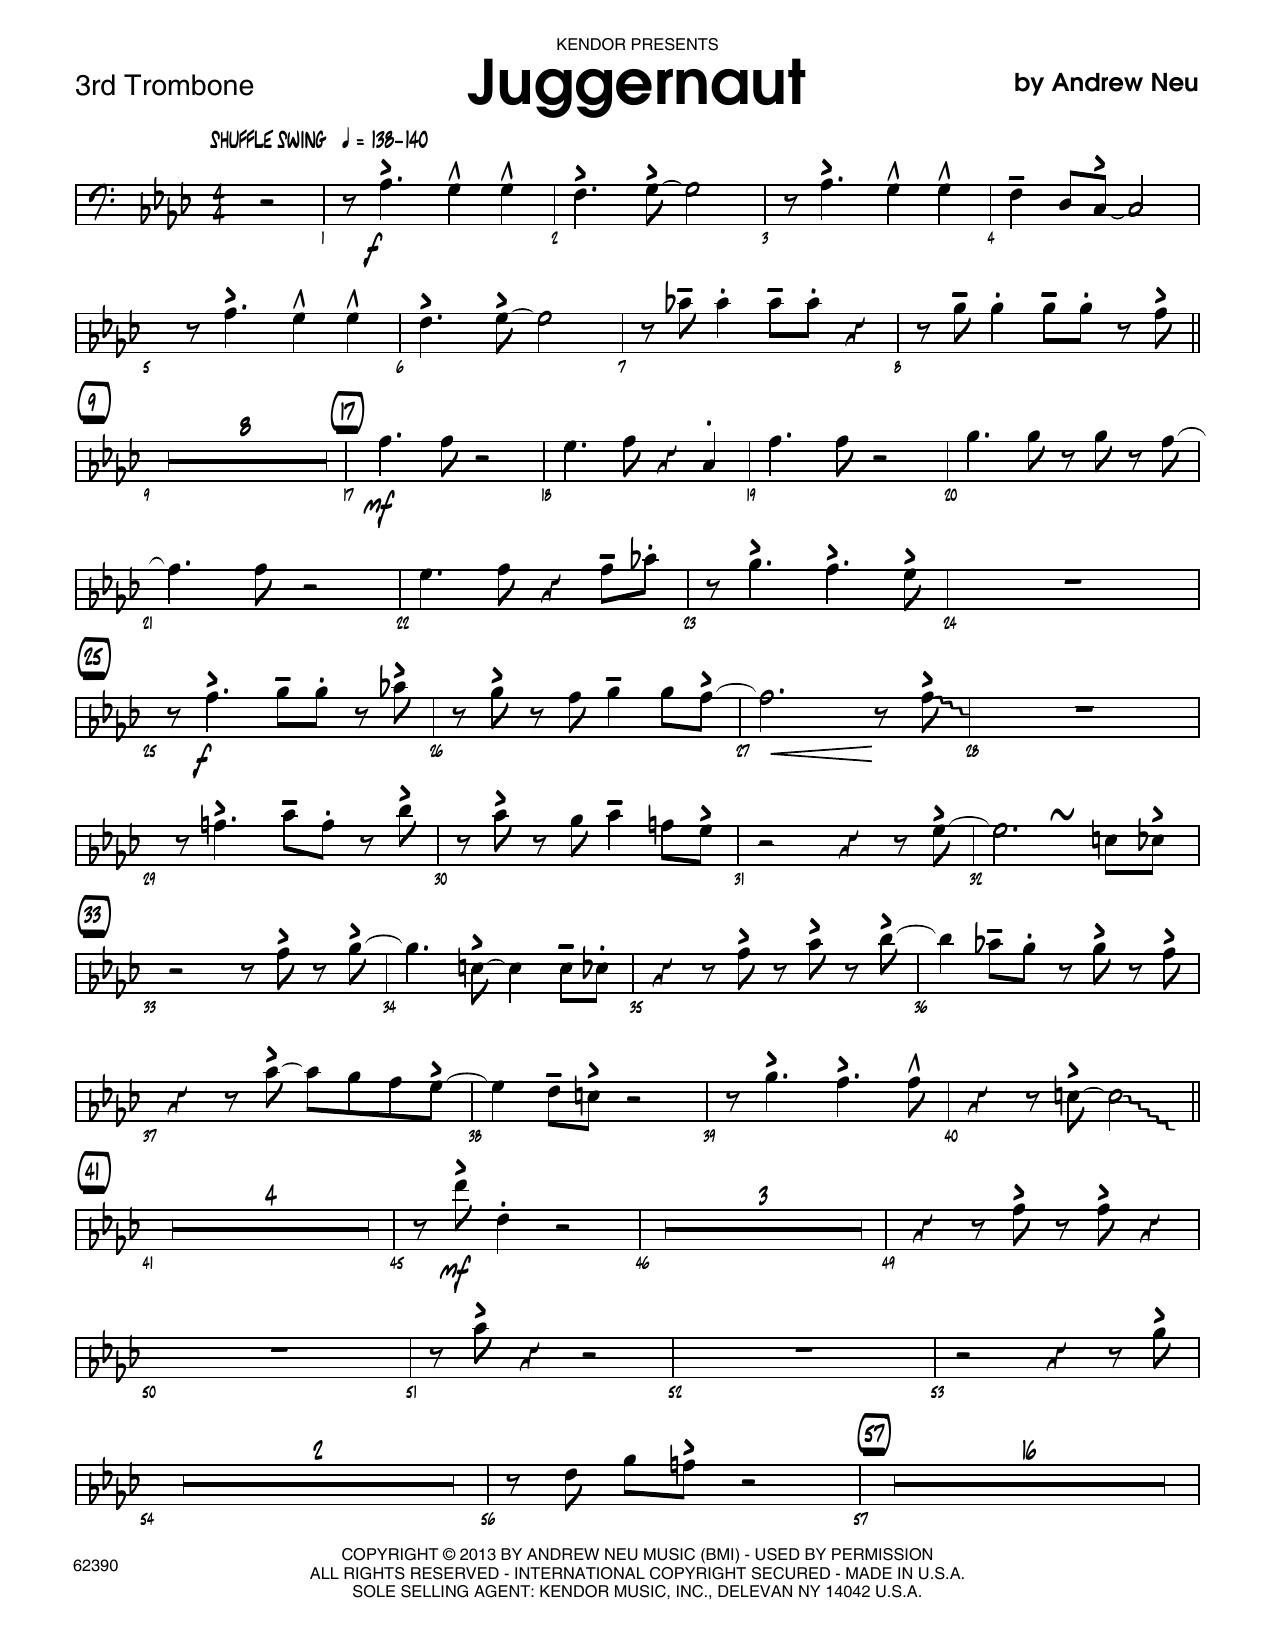 Juggernaut - 3rd Trombone Sheet Music